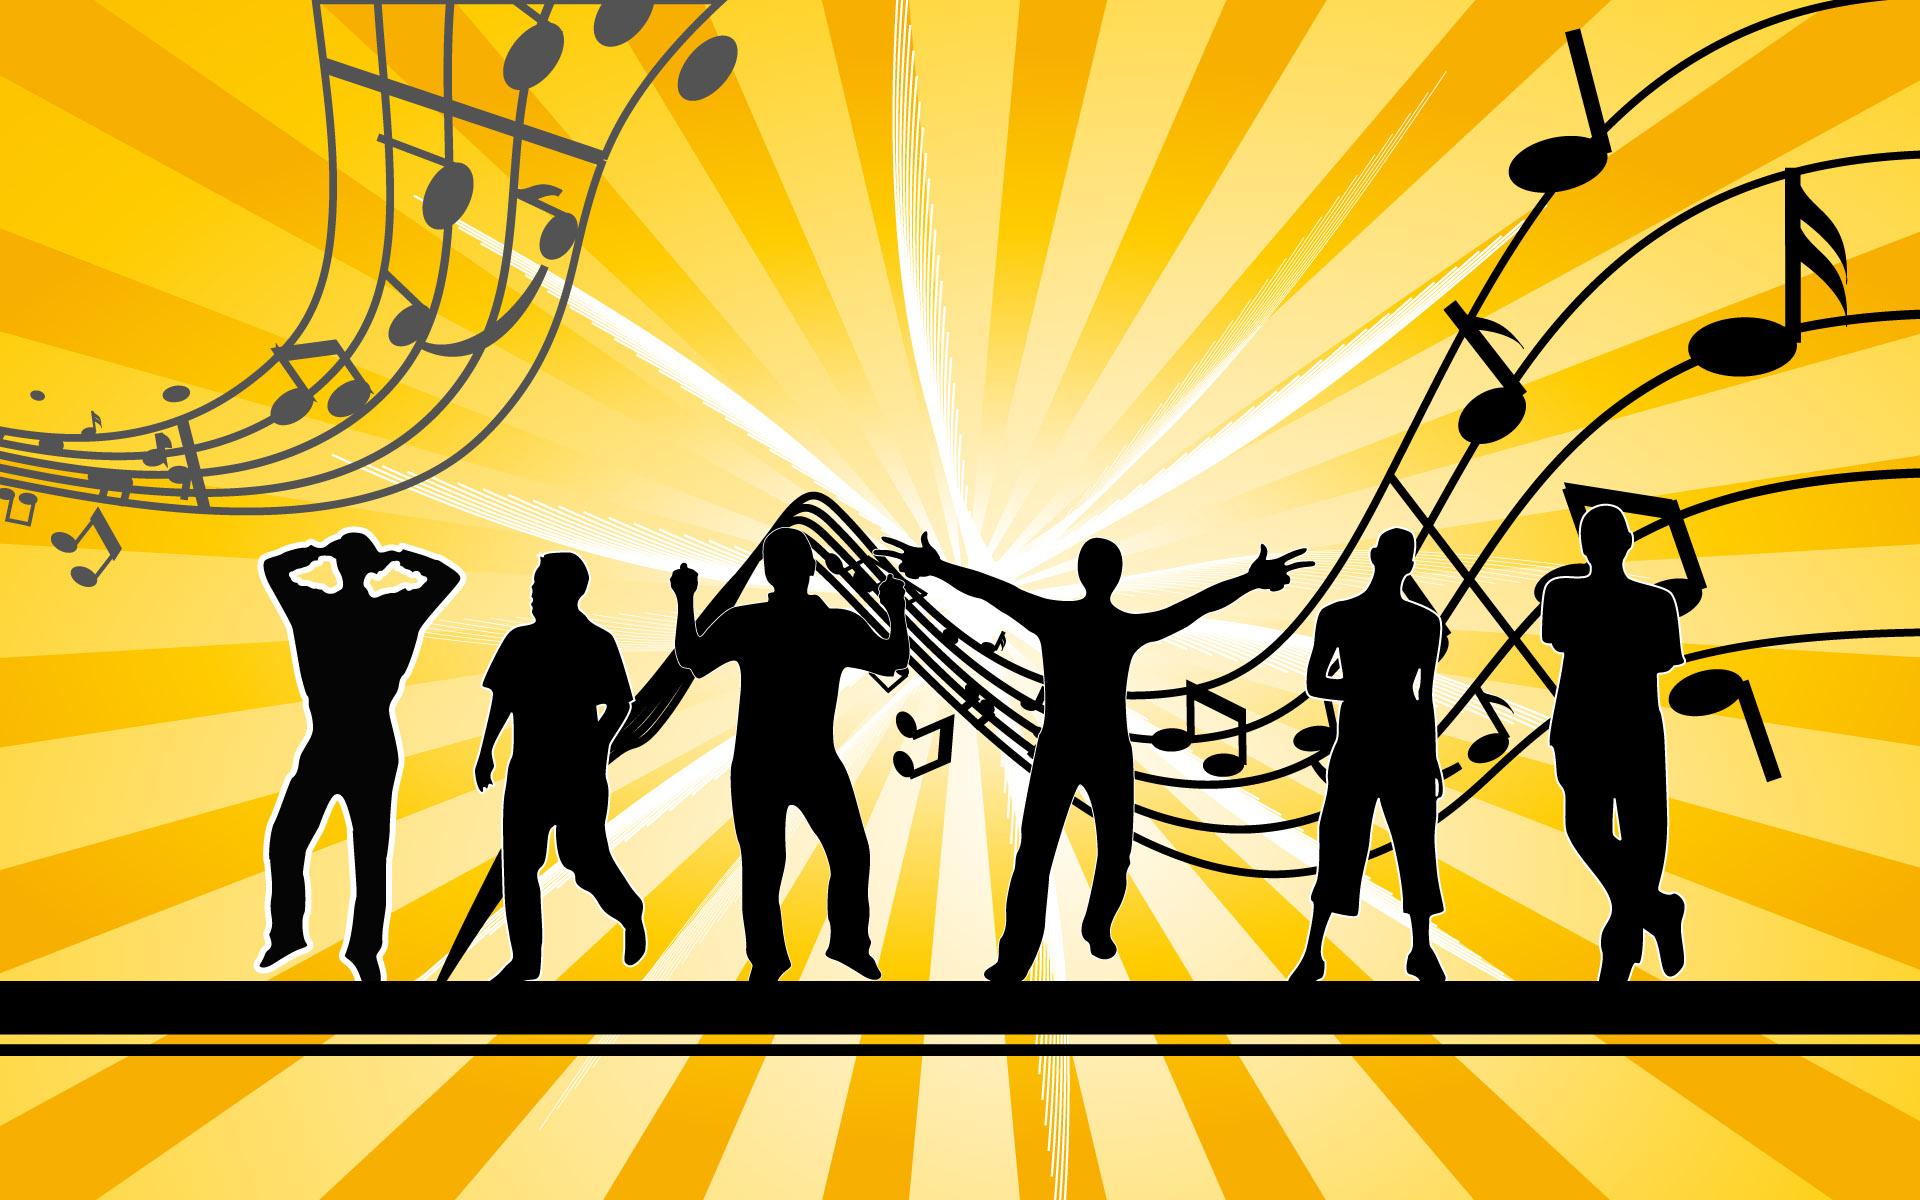 Âm nhạc đã đến với con người như thế nào?